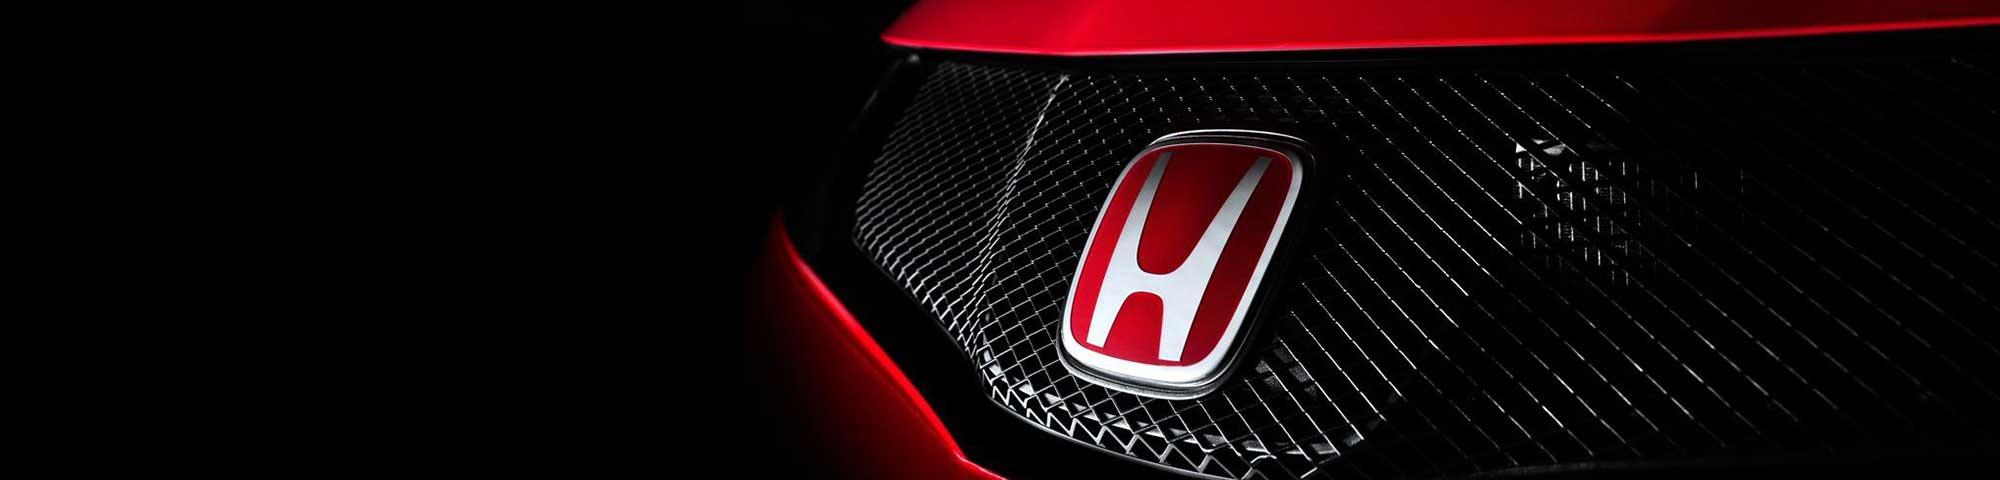 CLMS - Manufacturer - Honda